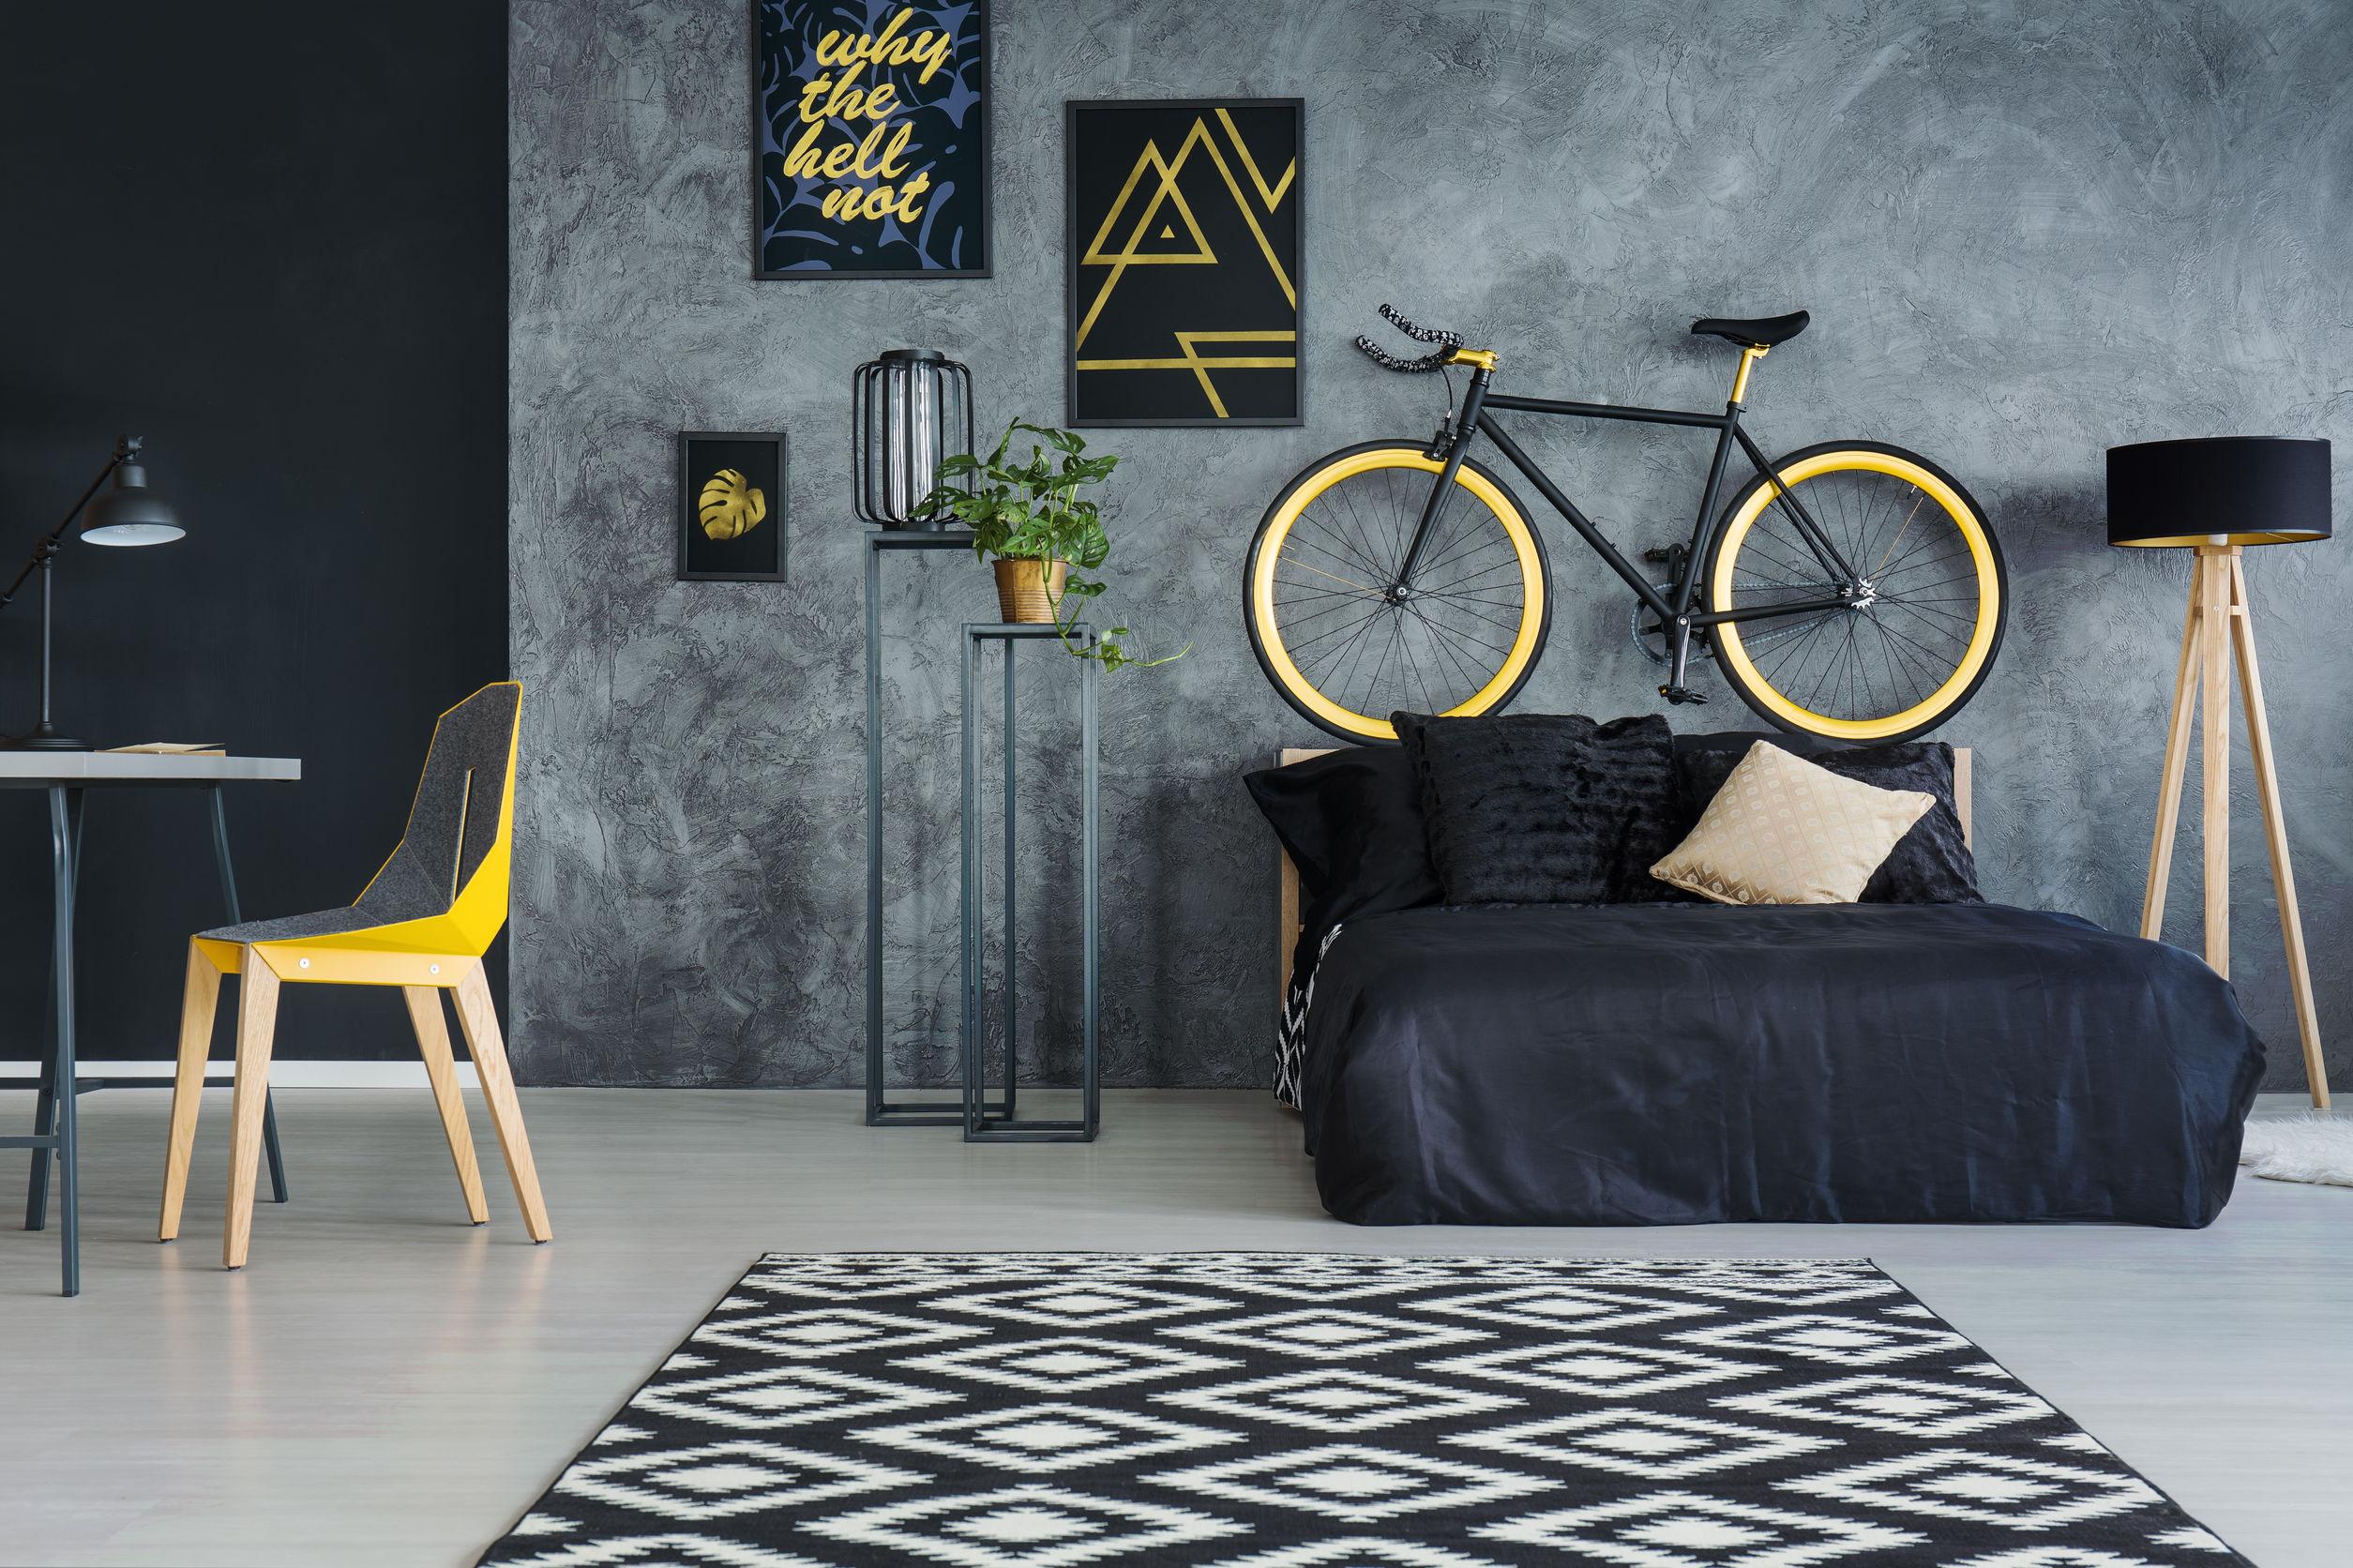 Article utilisation sombre et noir en décoration intérieure